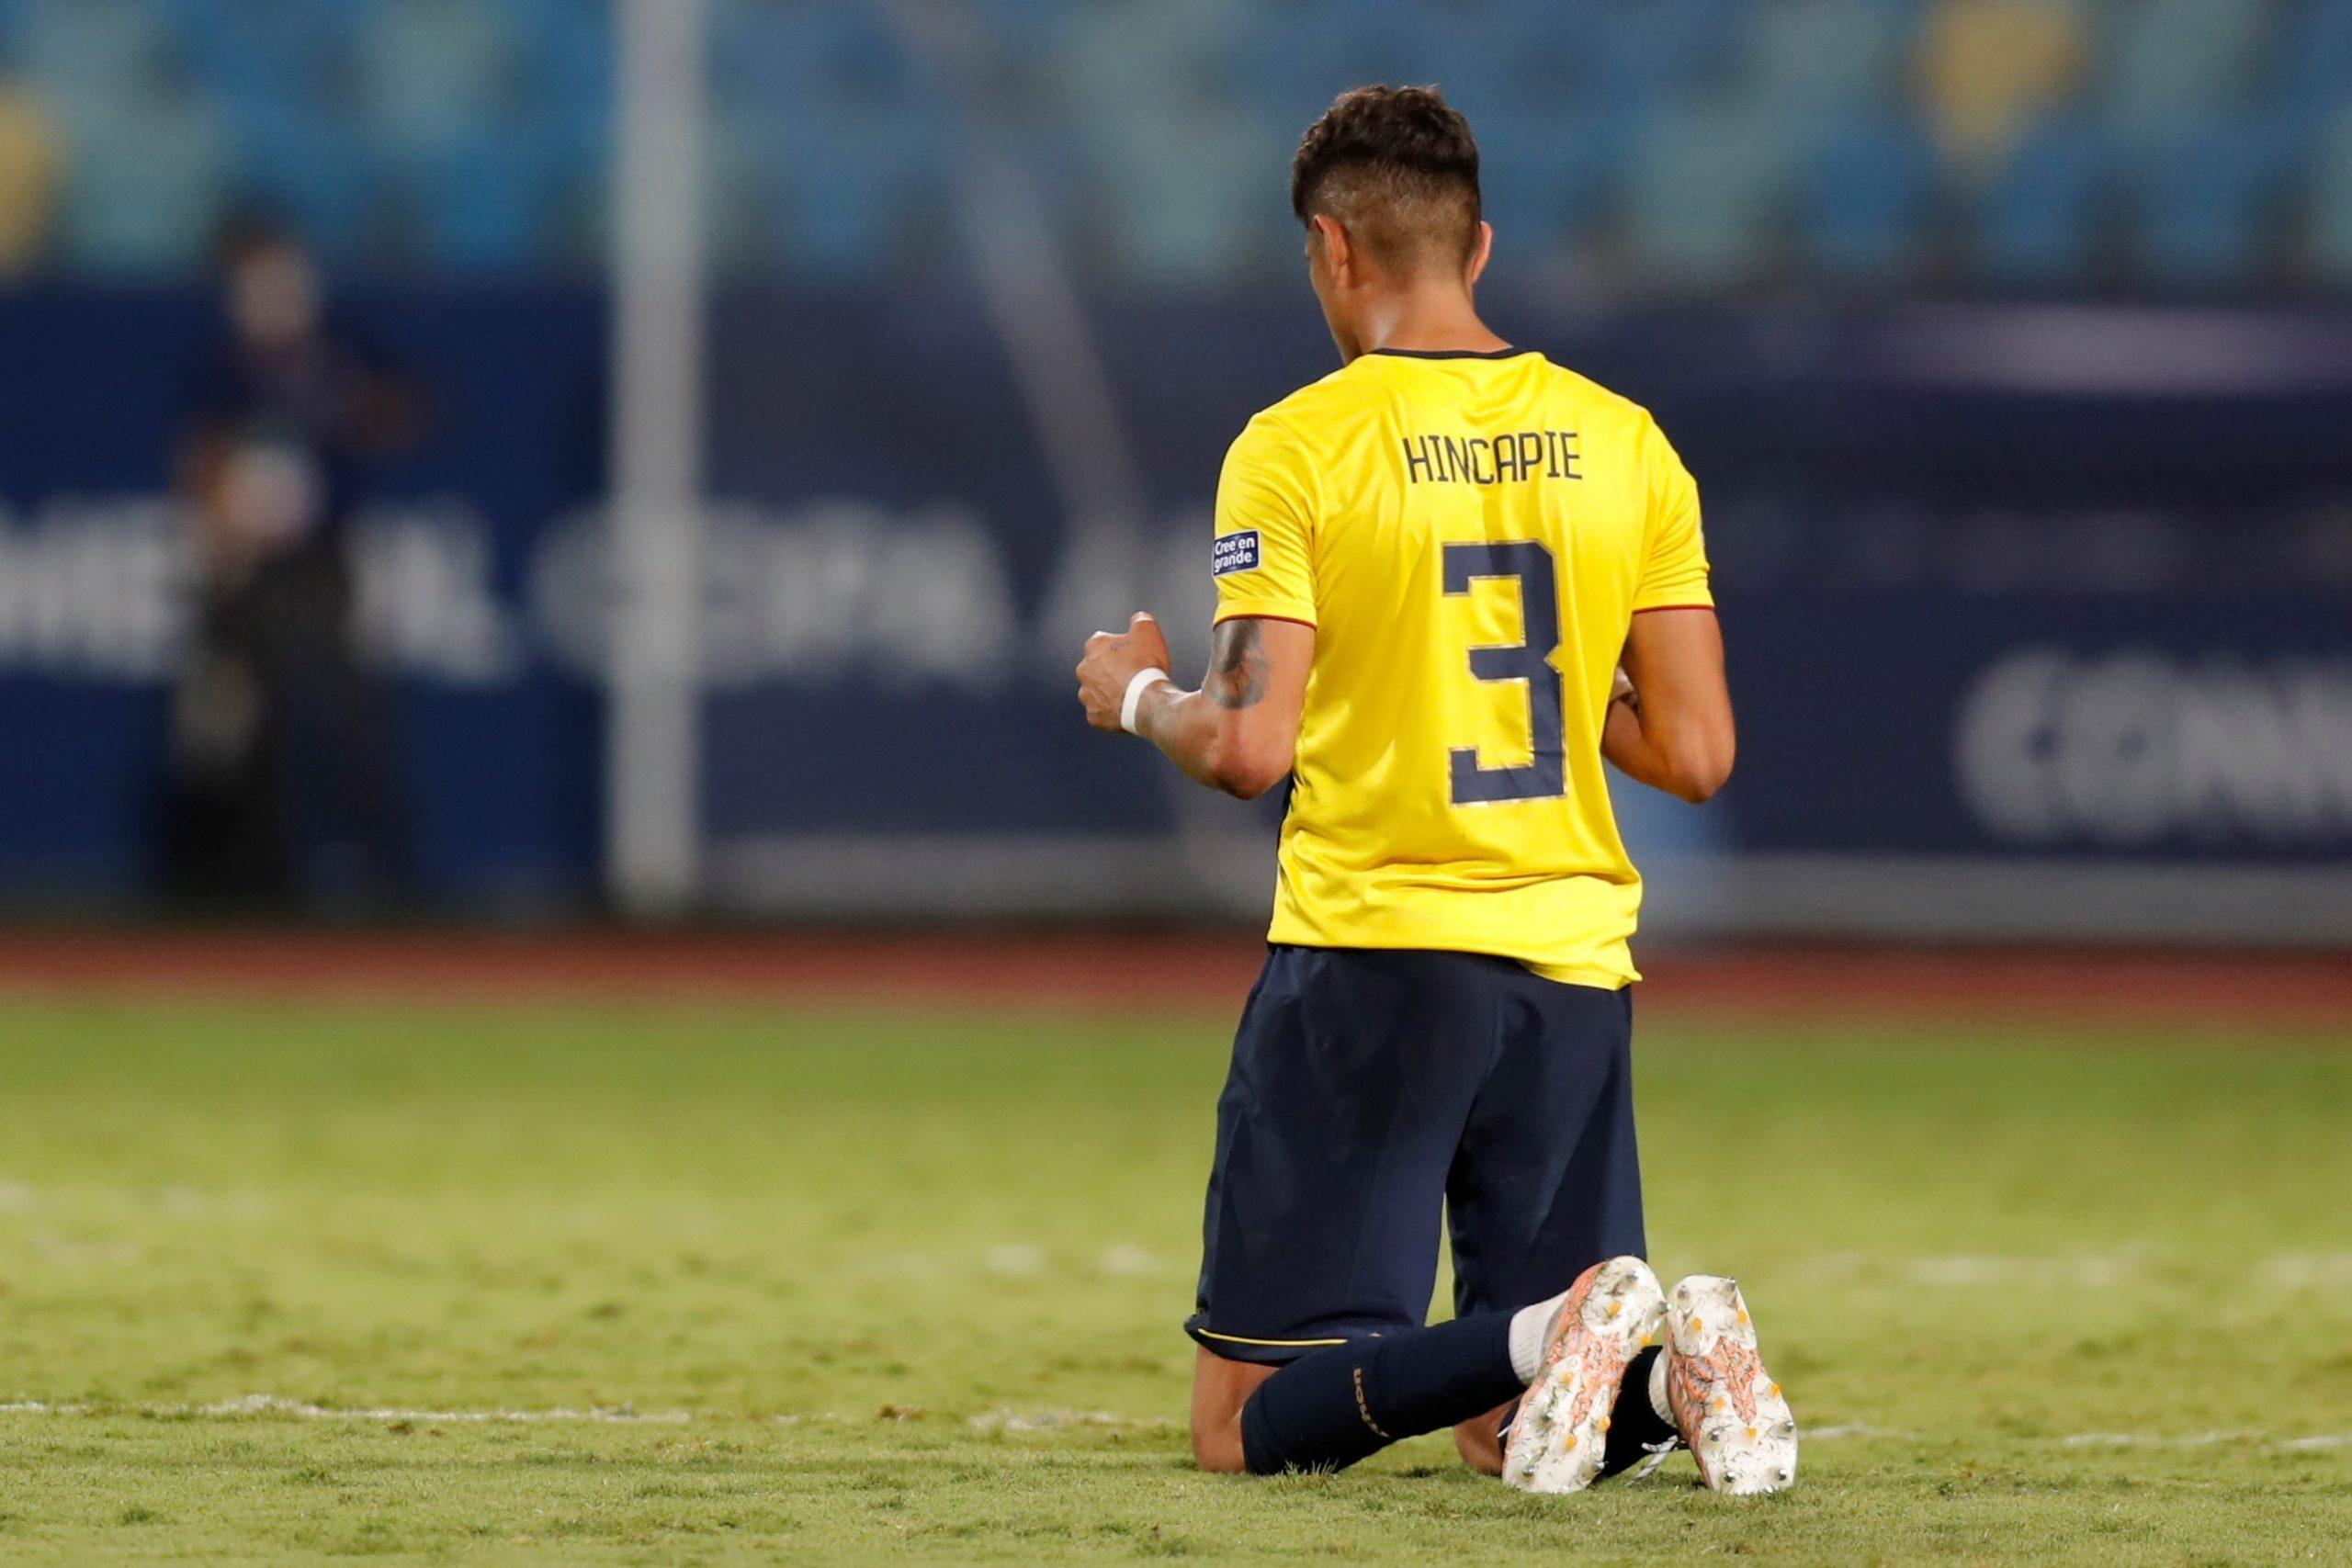 El jugador cree que el juego del equipo nacional va en alza